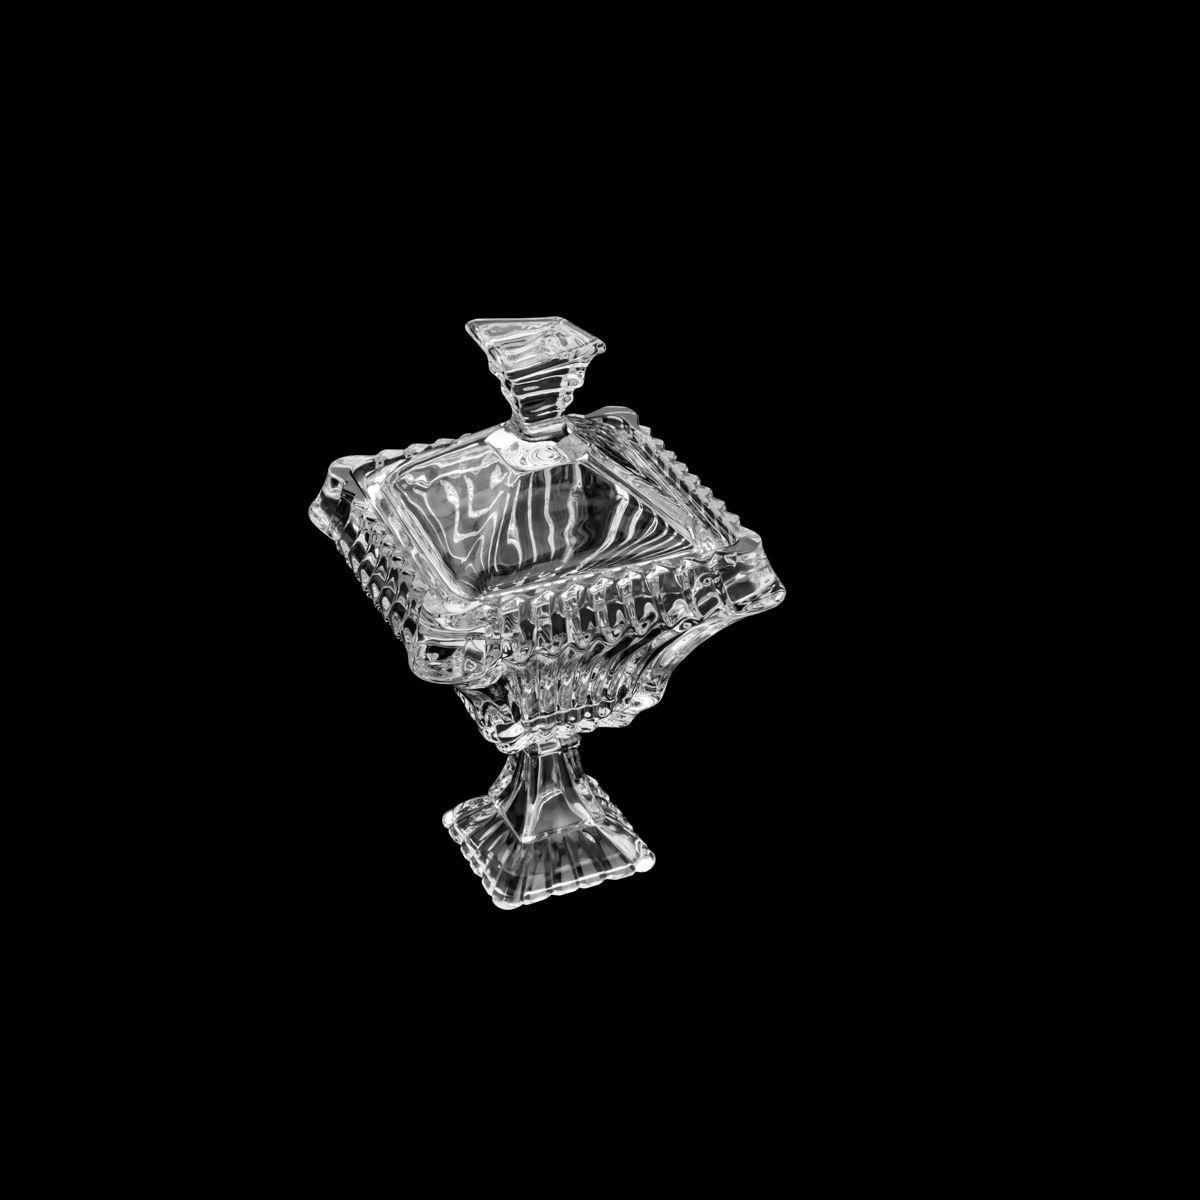 Bomboniere Wolff Medieval c/ Tampa e Pé em Cristal 35204